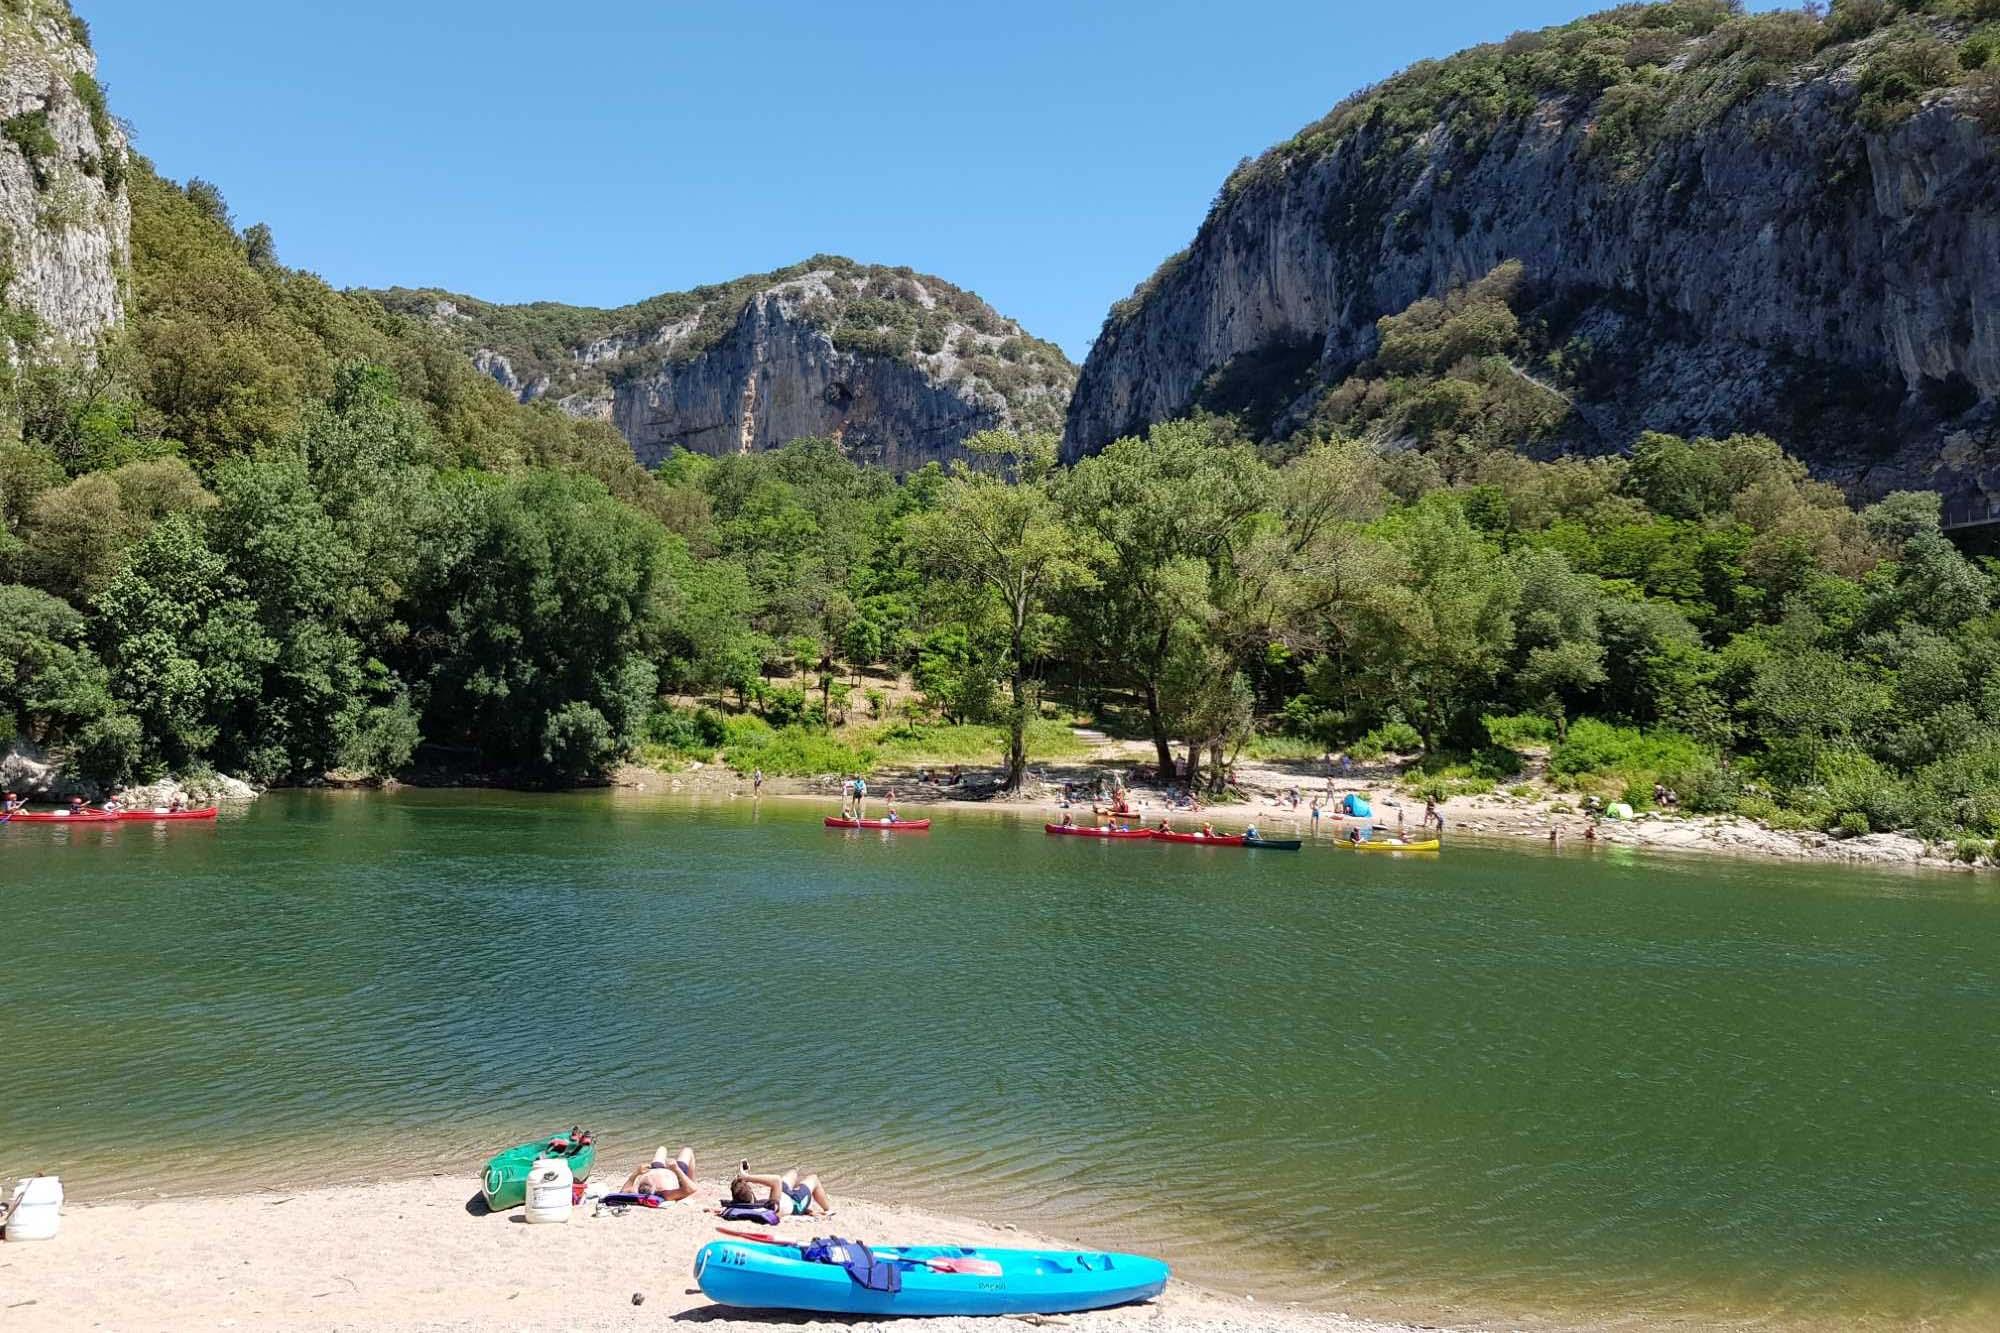 domaine sevenier camping decouvert vallons pont arc 1 - Surroundings